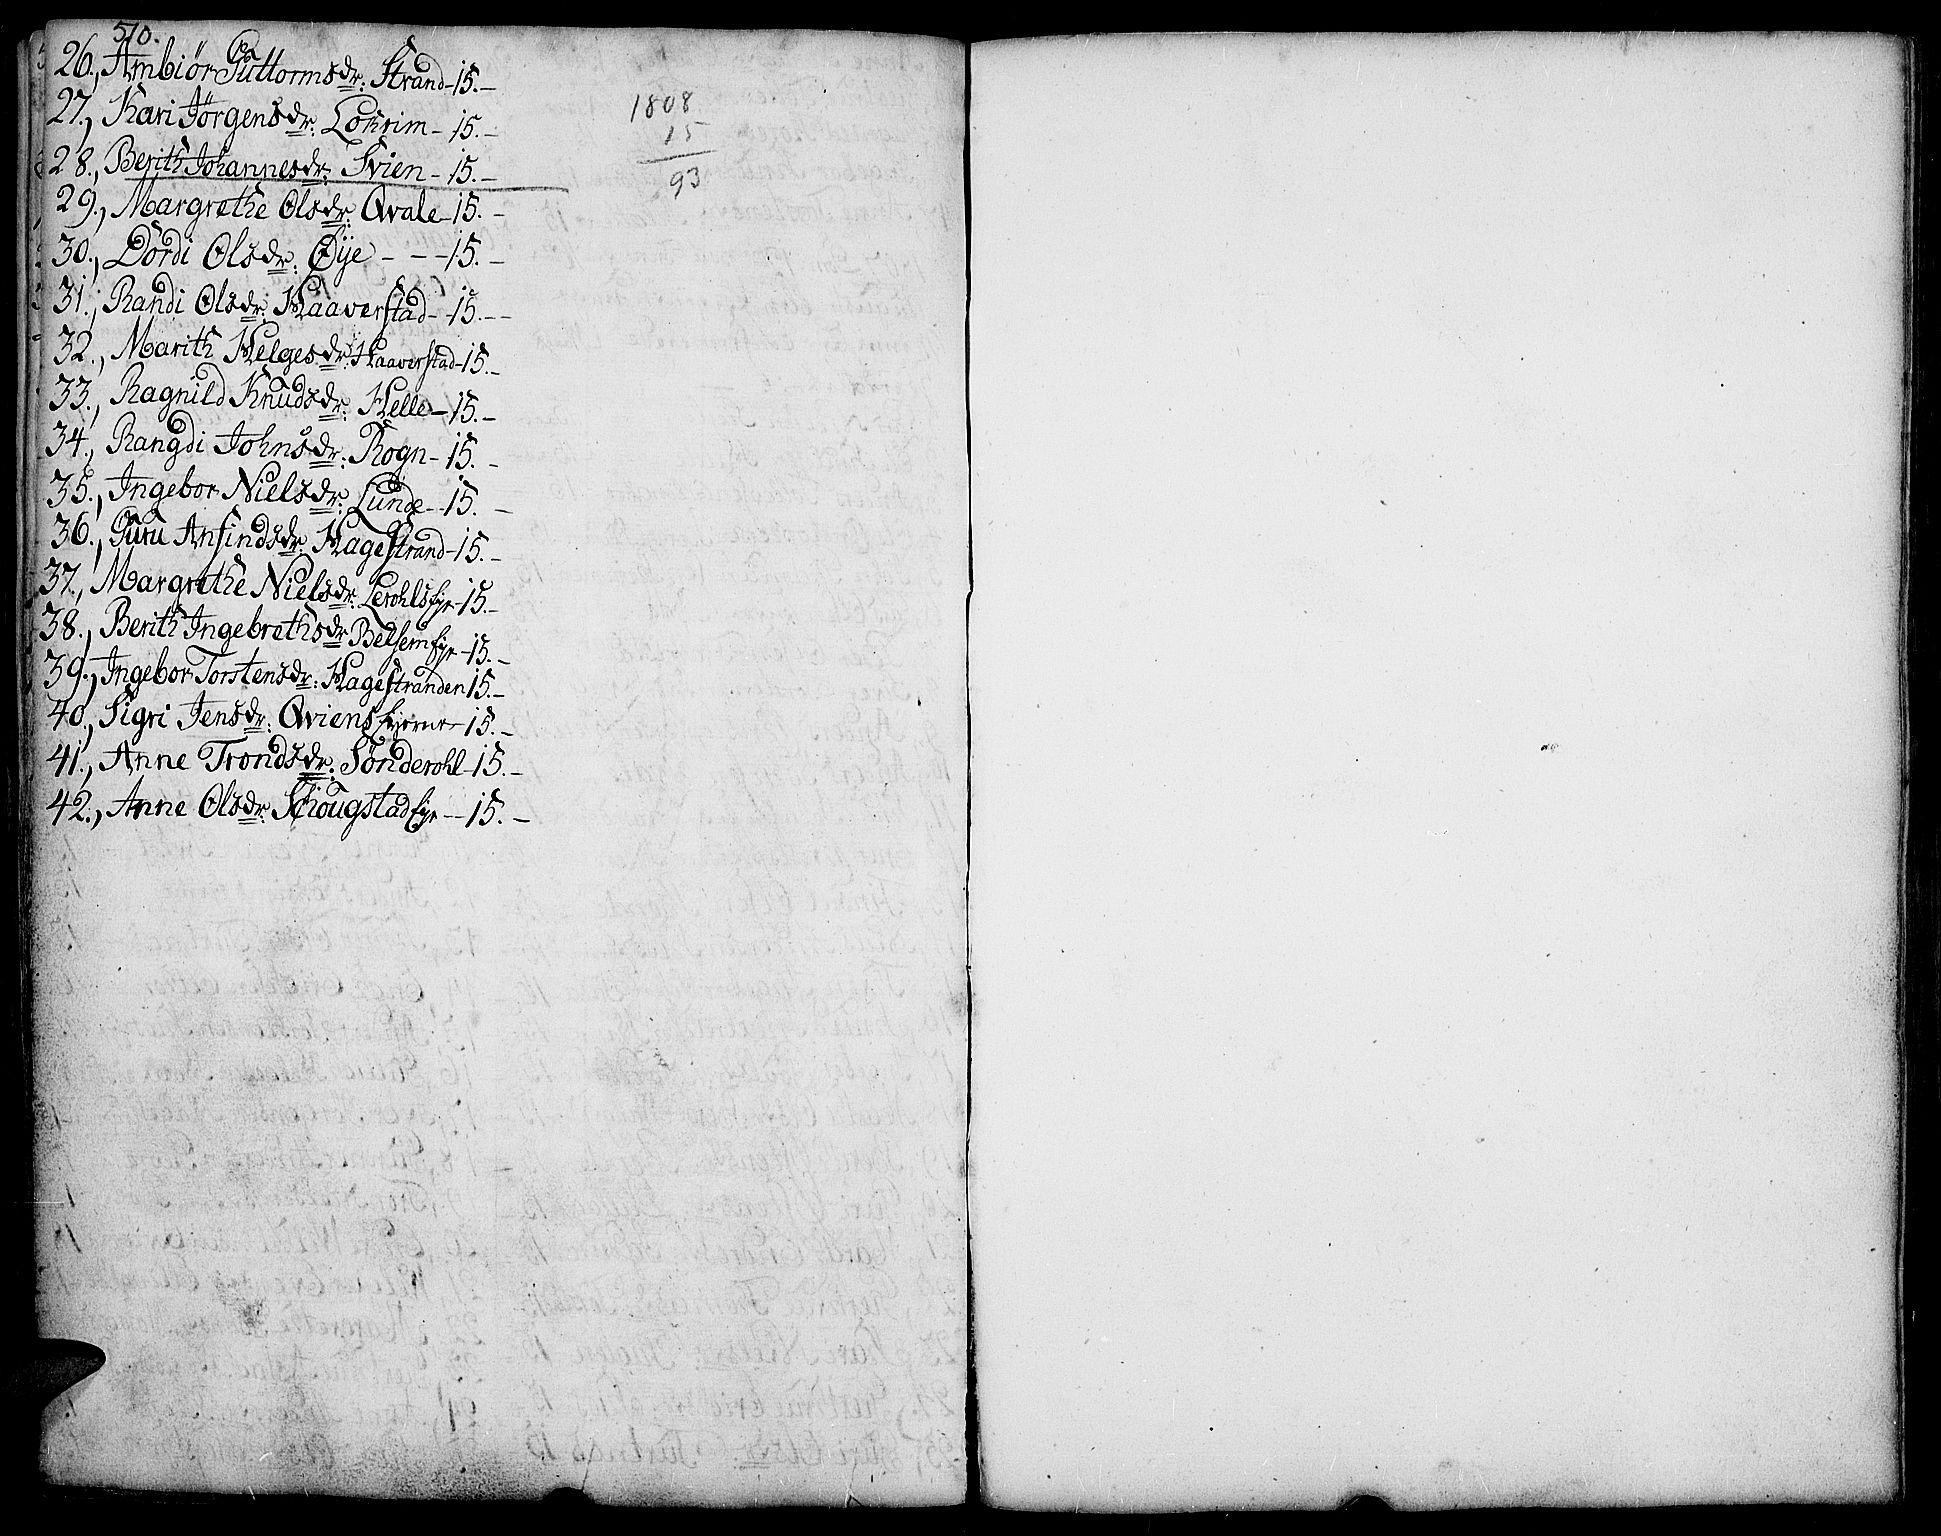 SAH, Vang prestekontor, Valdres, Ministerialbok nr. 2, 1796-1808, s. 510-511